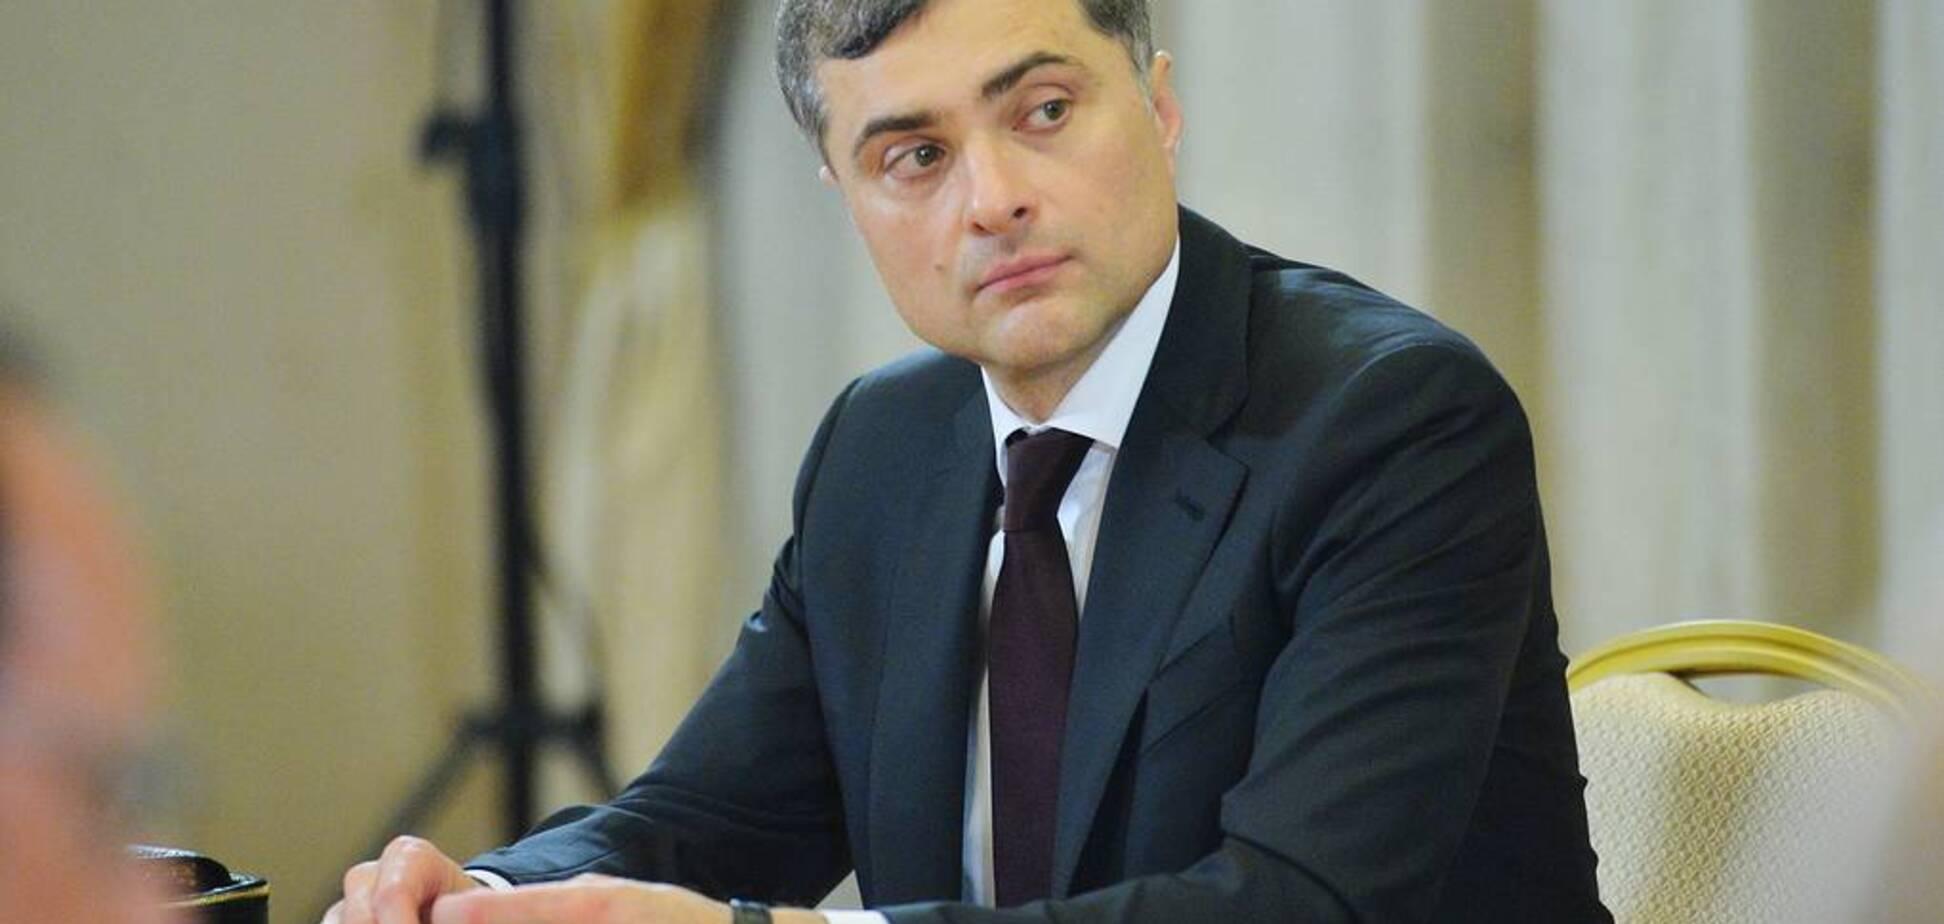 Сурков возвращается: экс-главарь 'ДНР' заговорил о кардинальных переменах